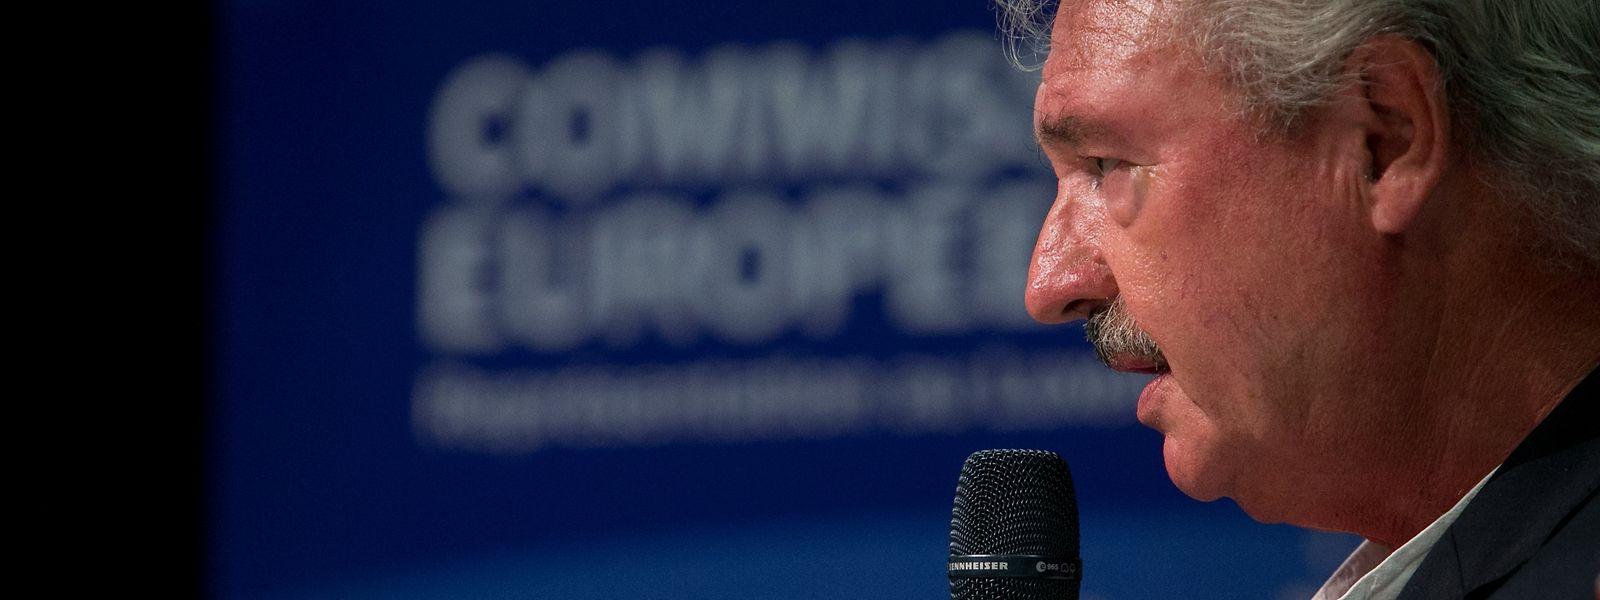 Jean Asselborn bangt um die Zukunft der EU.